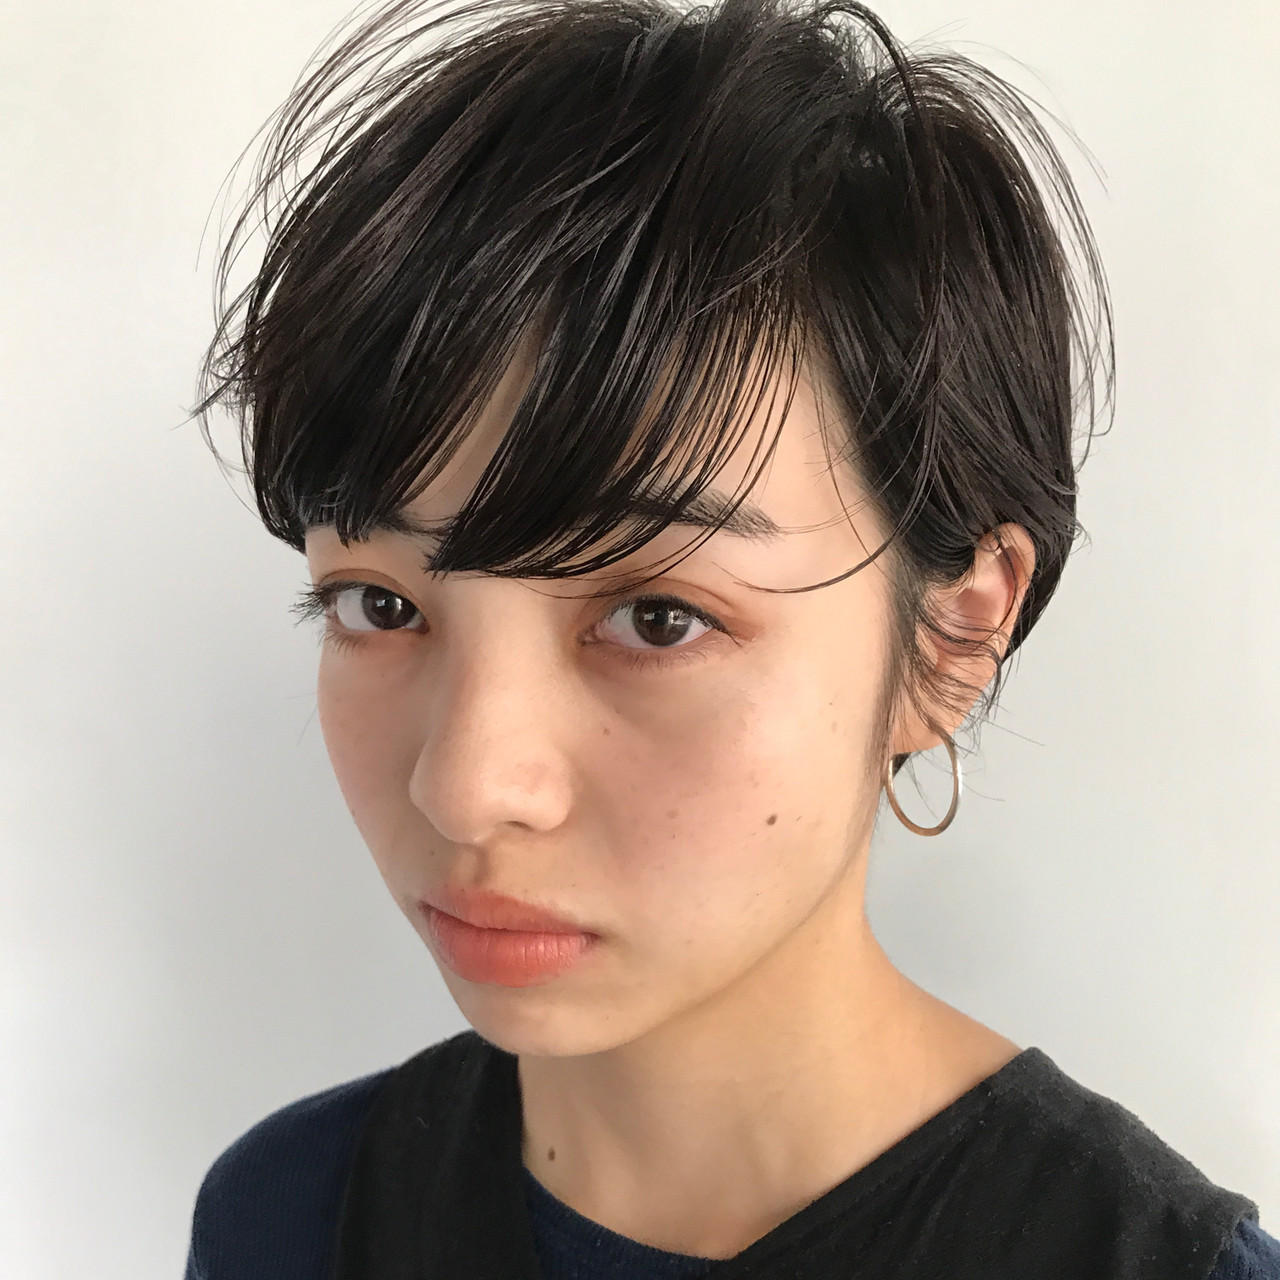 ナチュラル 前髪パーマ 前髪 ショート ヘアスタイルや髪型の写真・画像